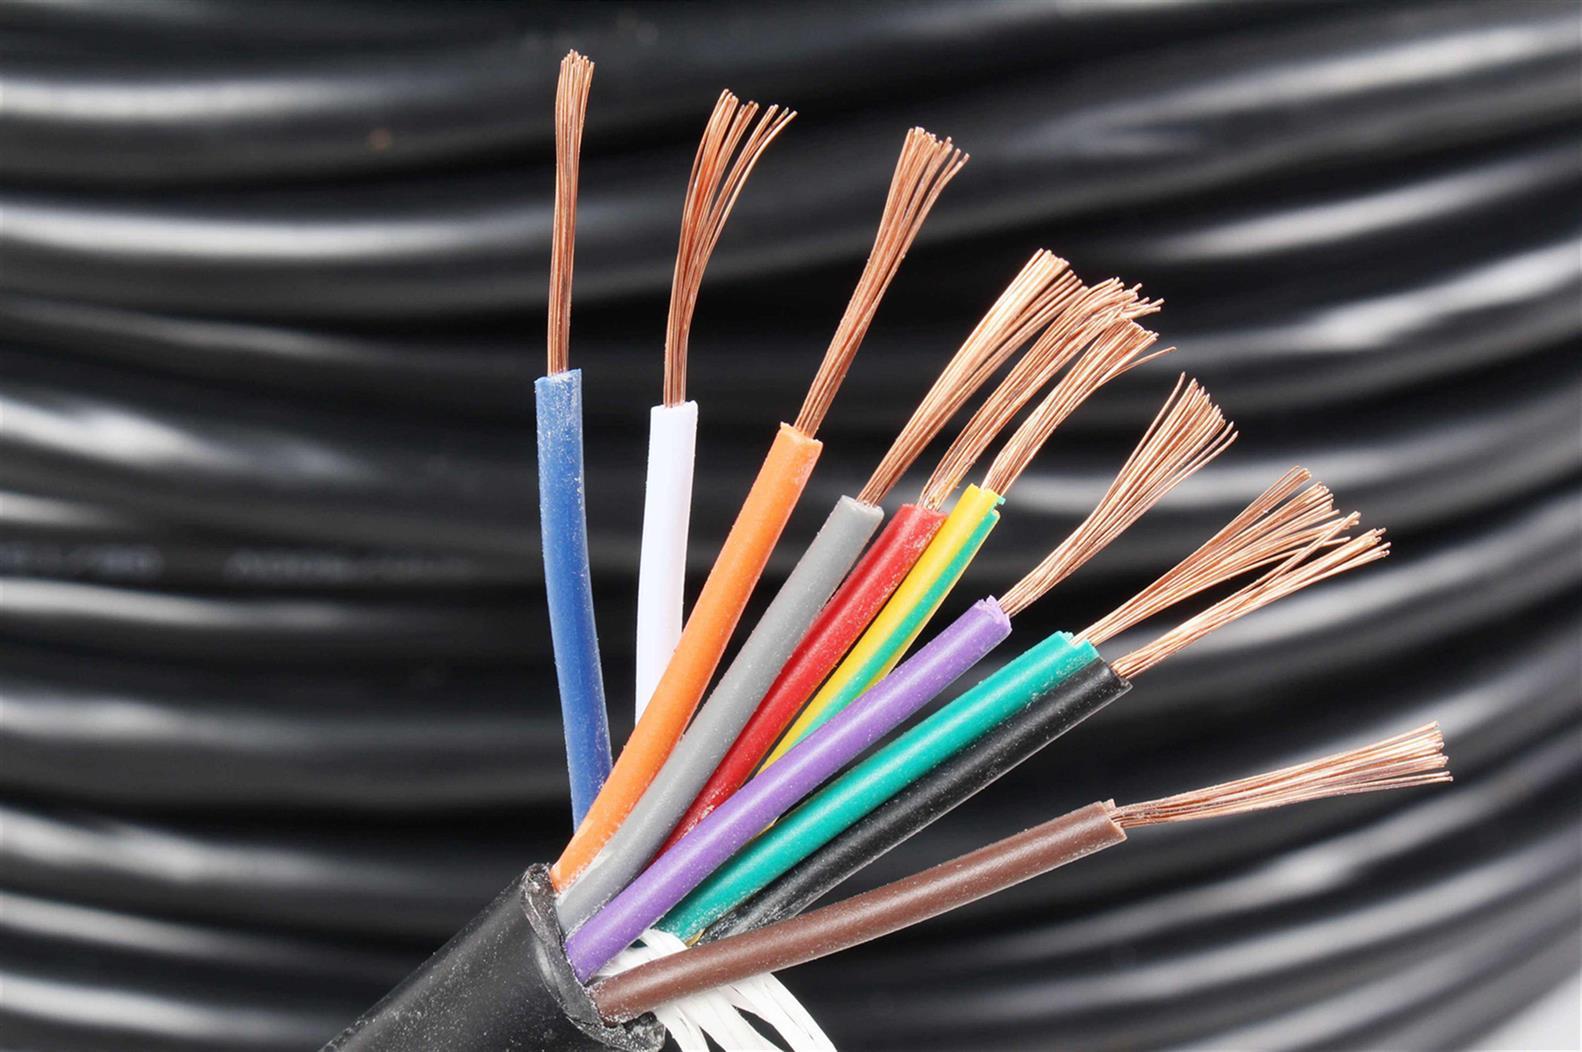 貴陽二手電纜回收 六盤水電電纜回收 看這你就知道了